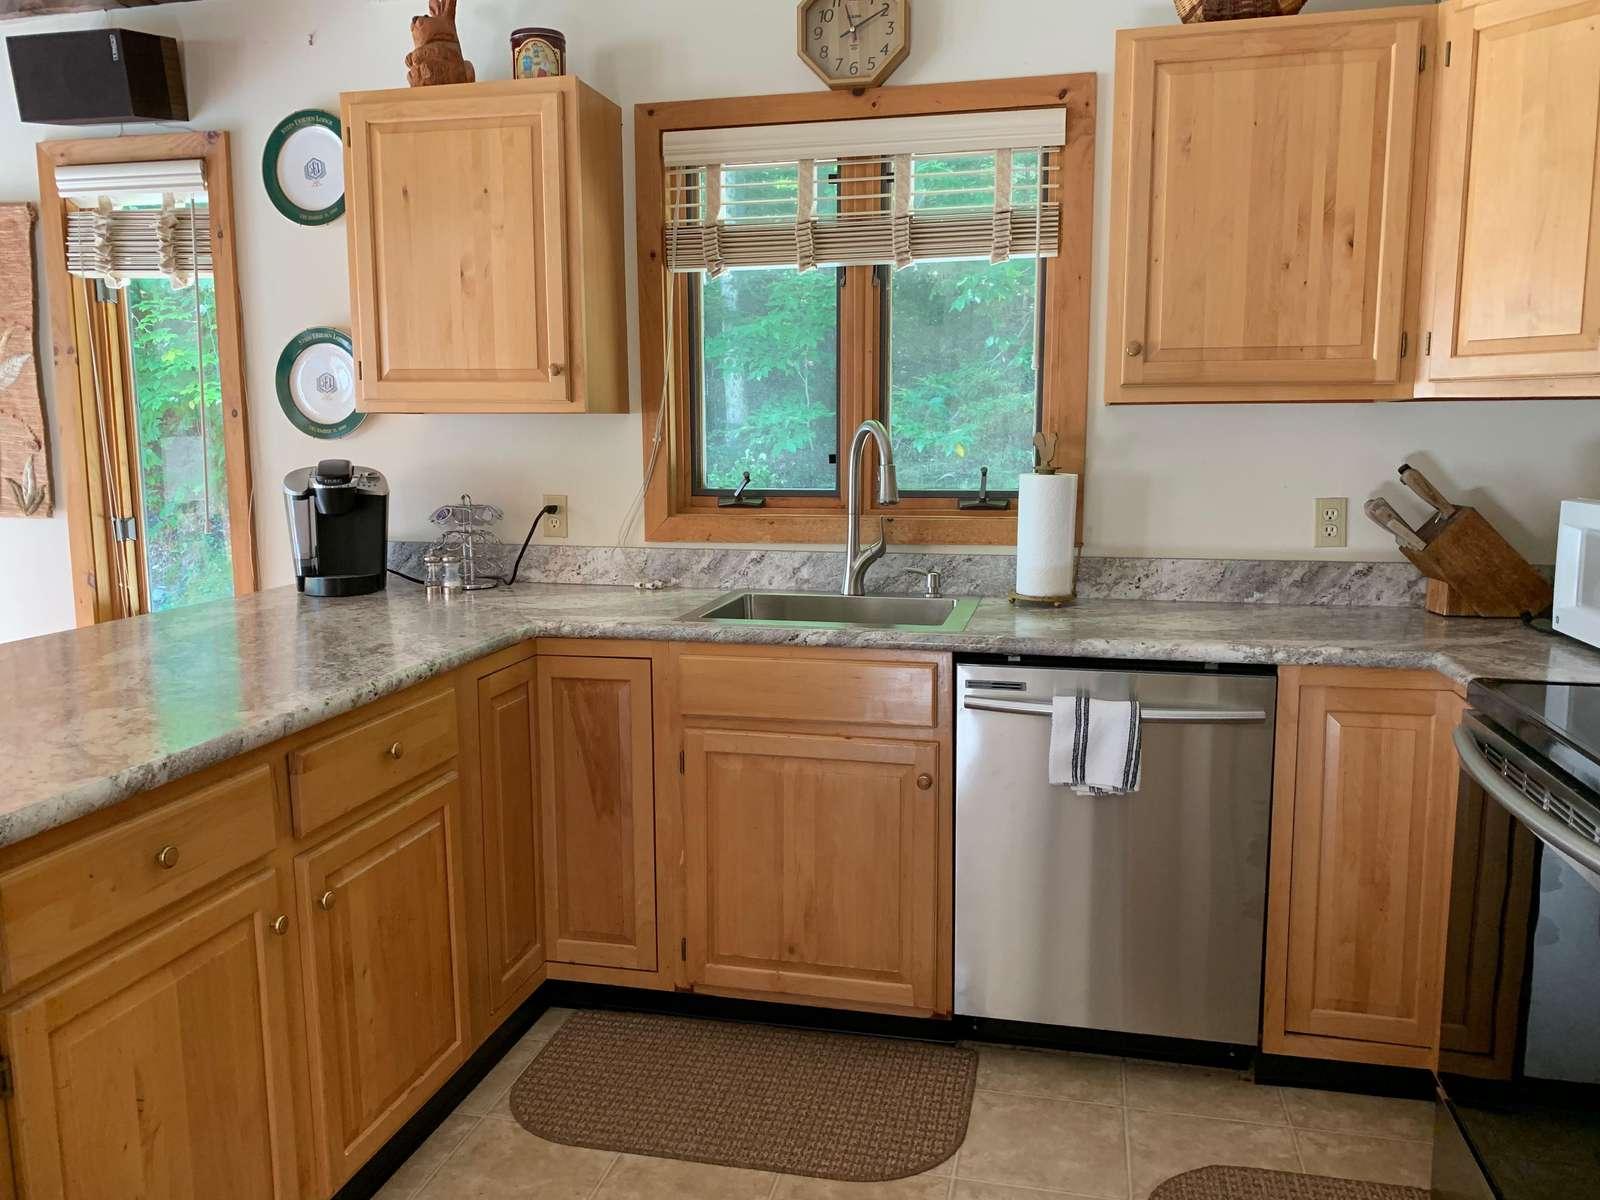 Beautiful new kitchen counters